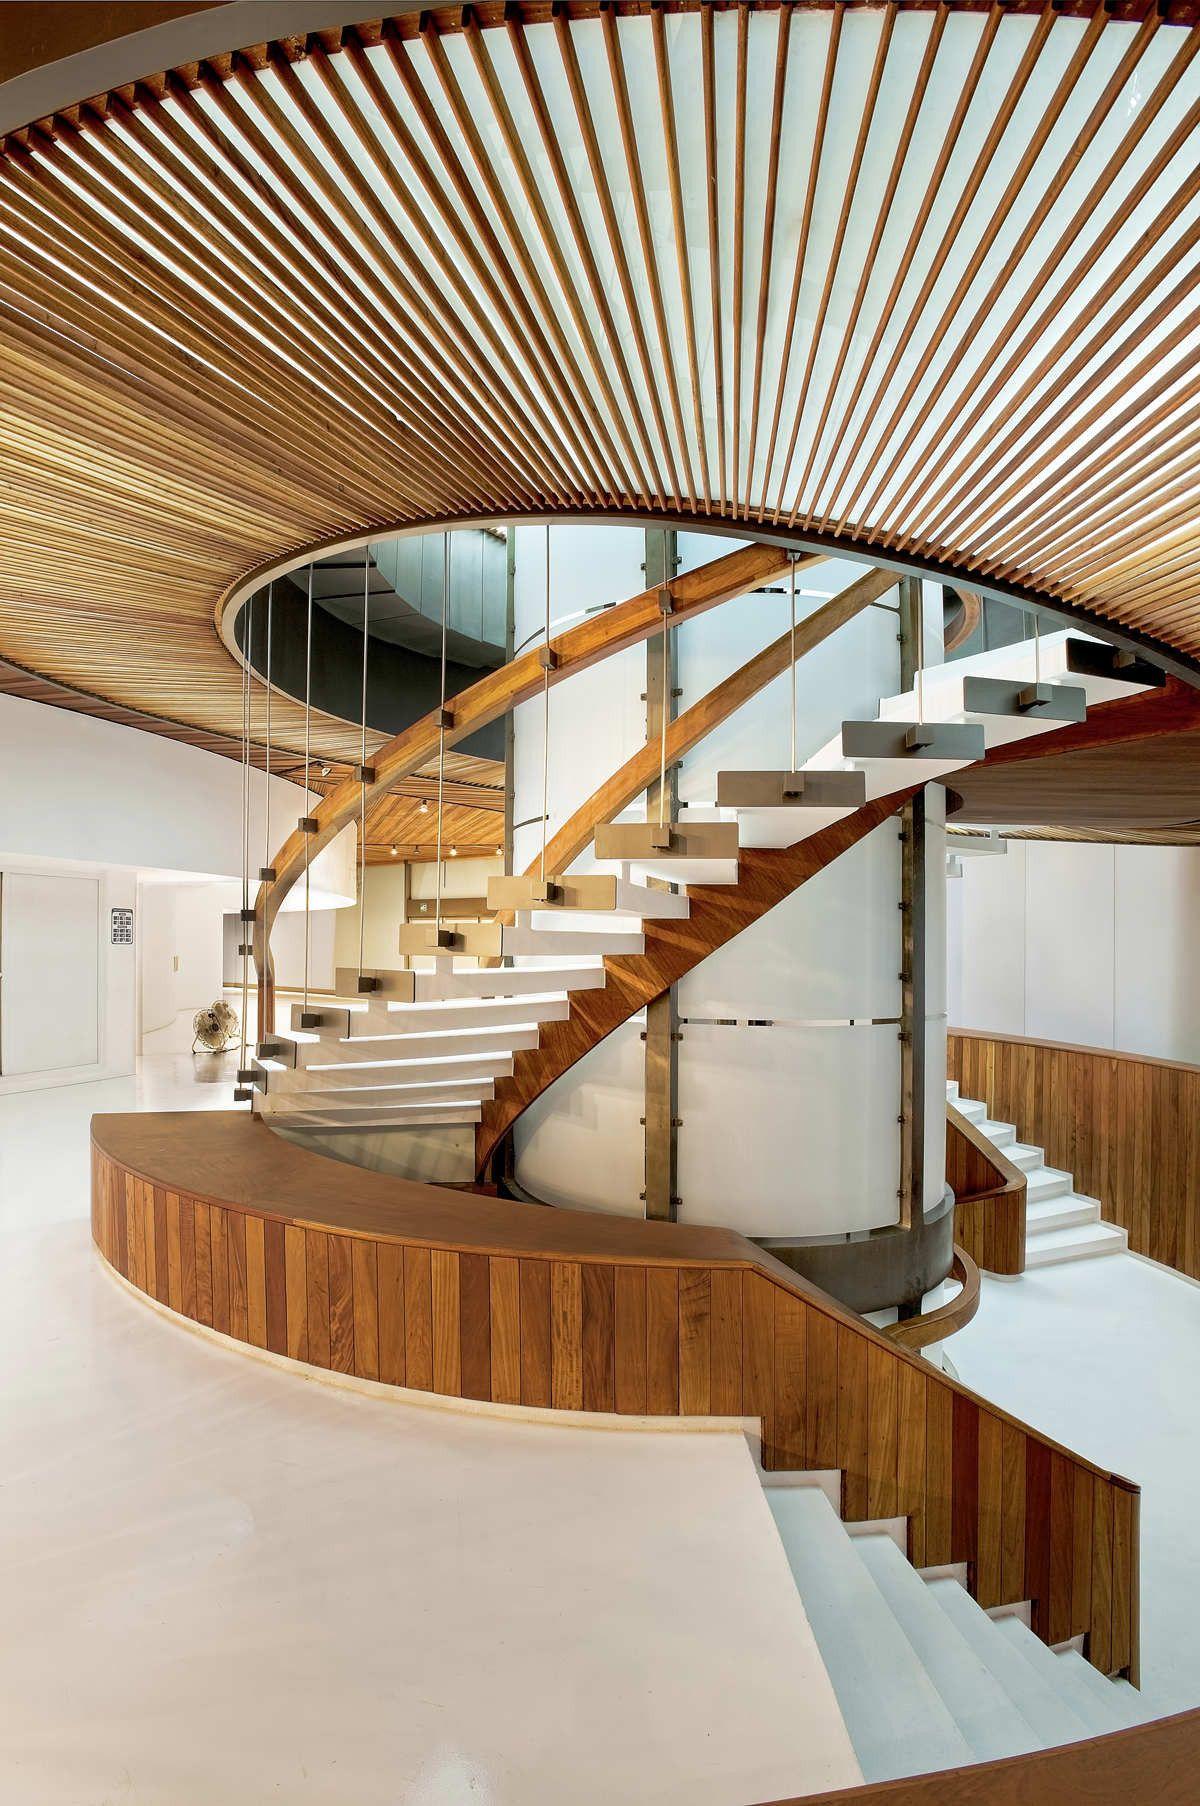 Polyforum Siqueiros Galleries Staircase